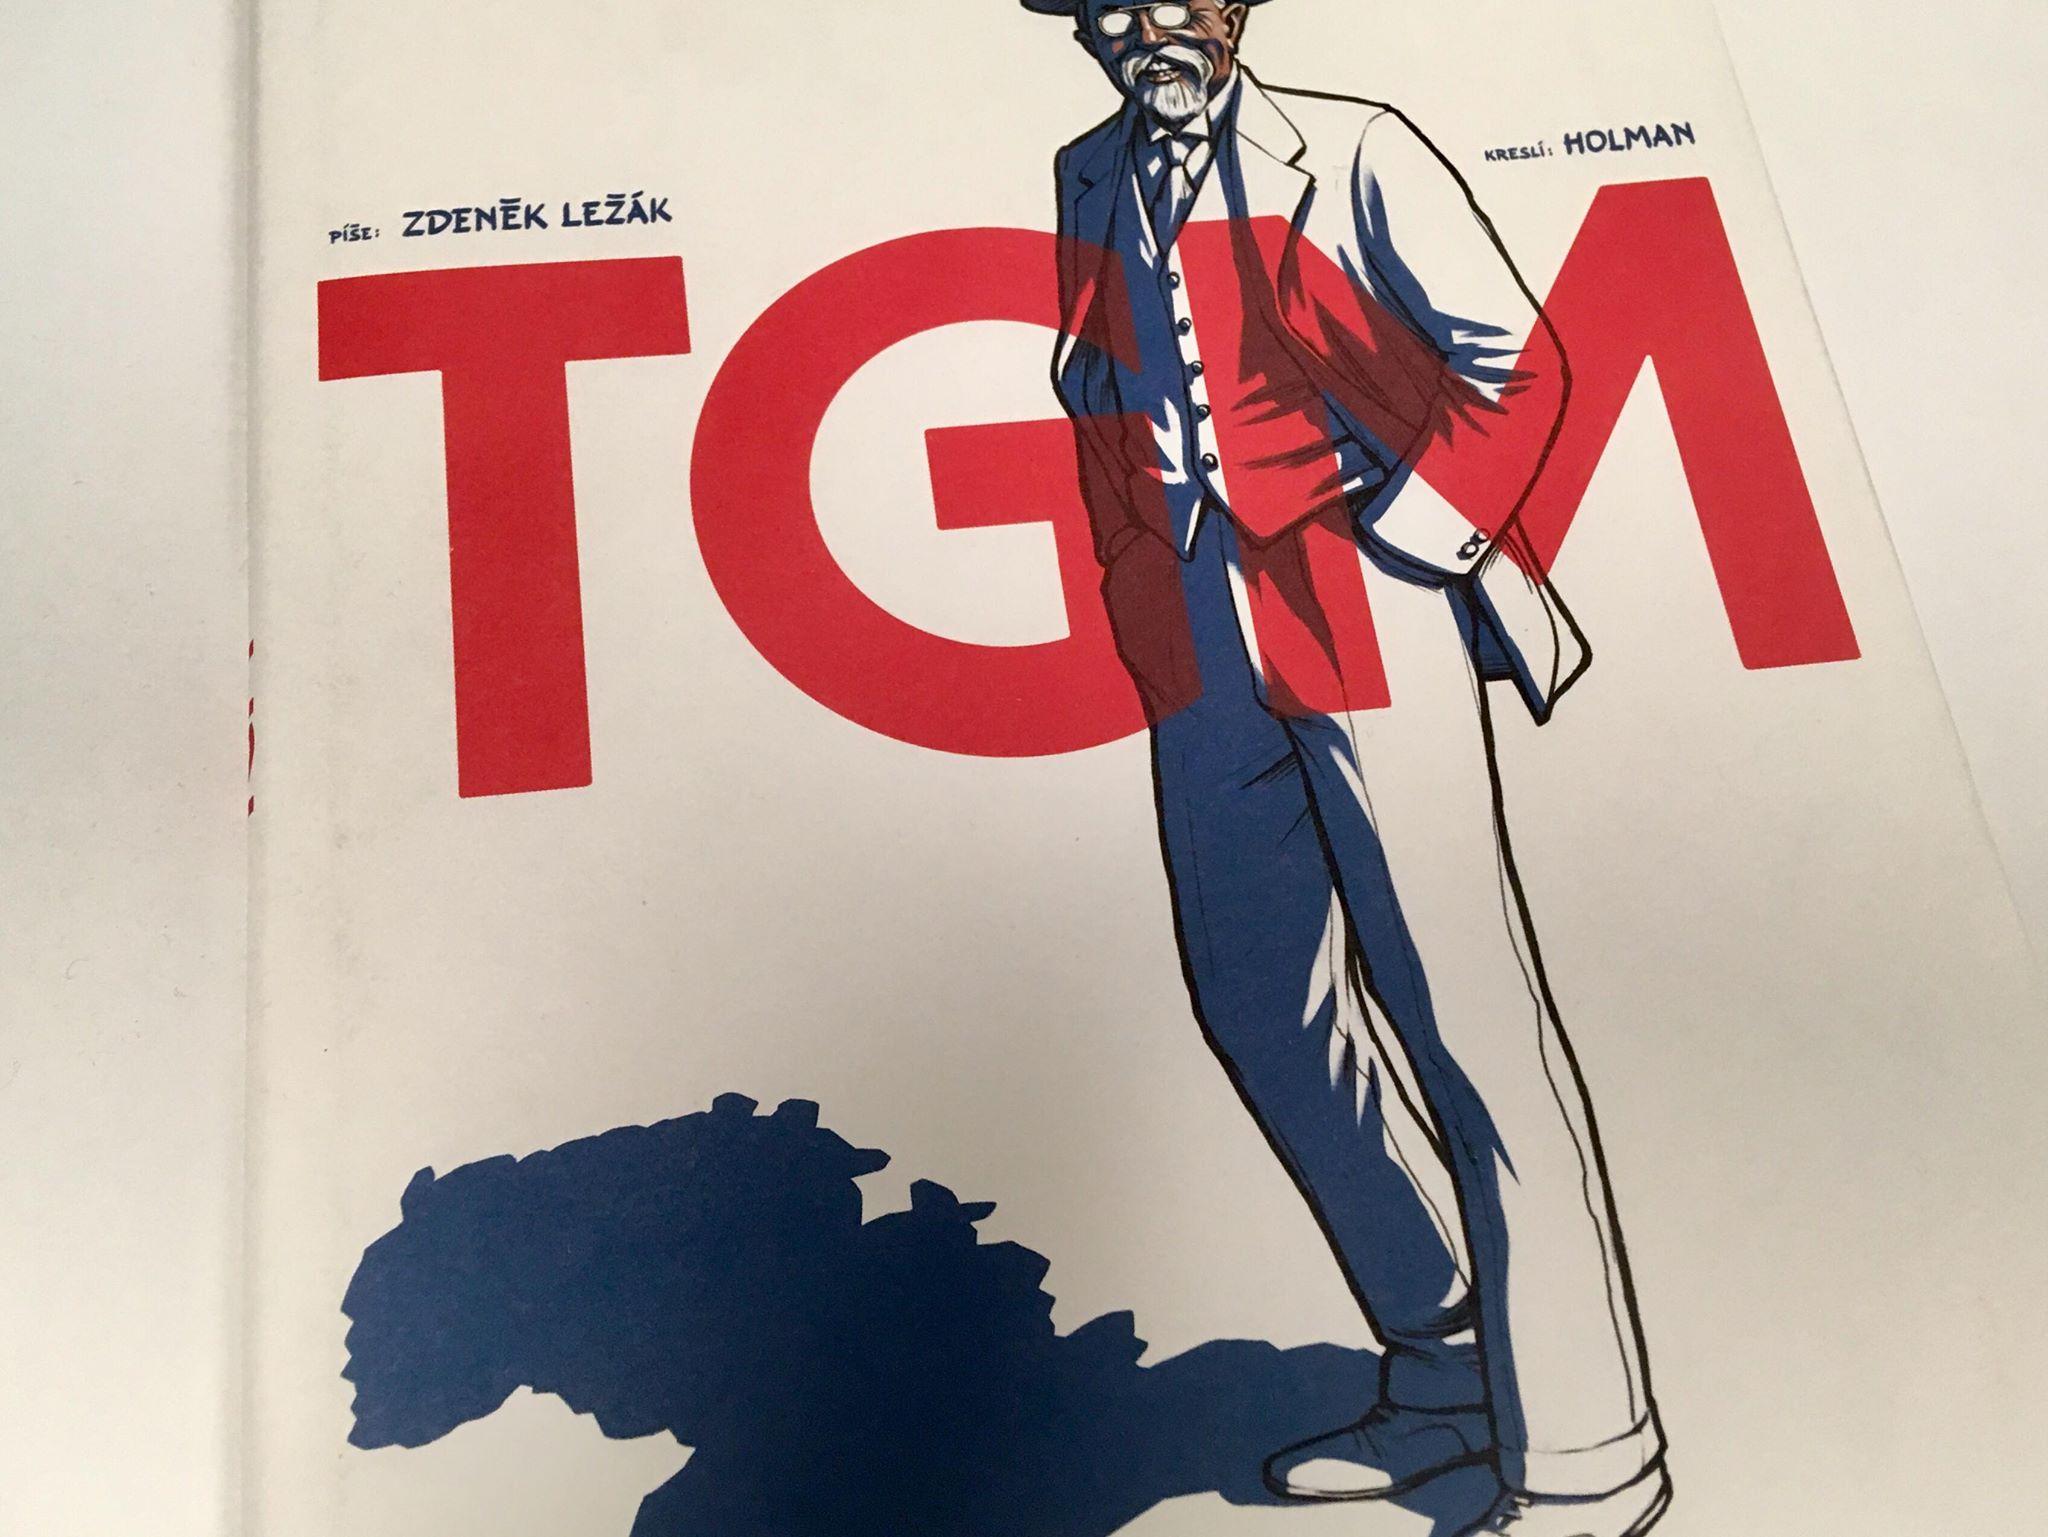 TGM. Napsal Zdeněk Ležák, ilustrace Holman